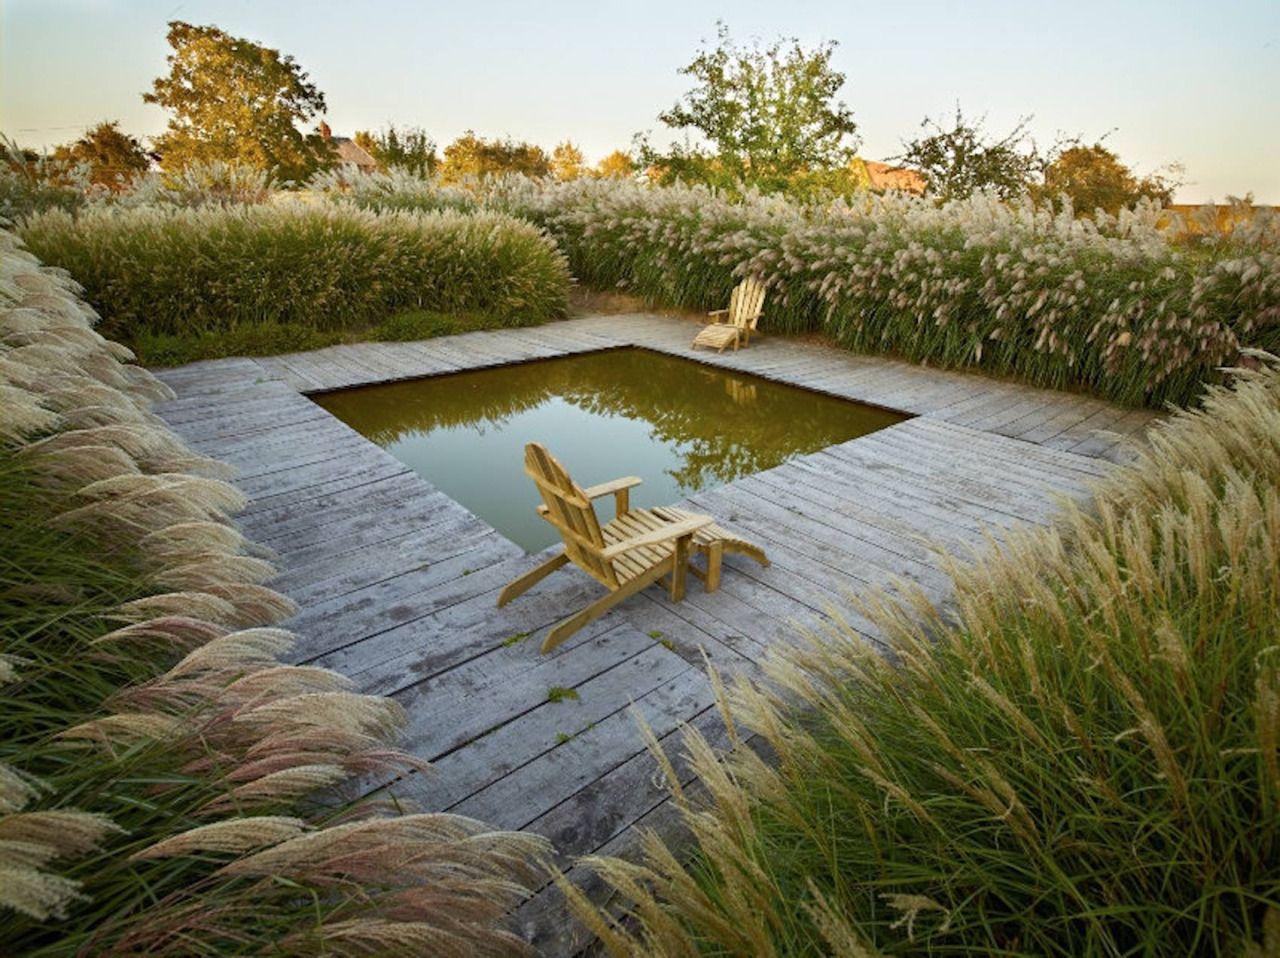 Gartenteich Schwimmteich Gartengestaltung Garten Wasser Holz